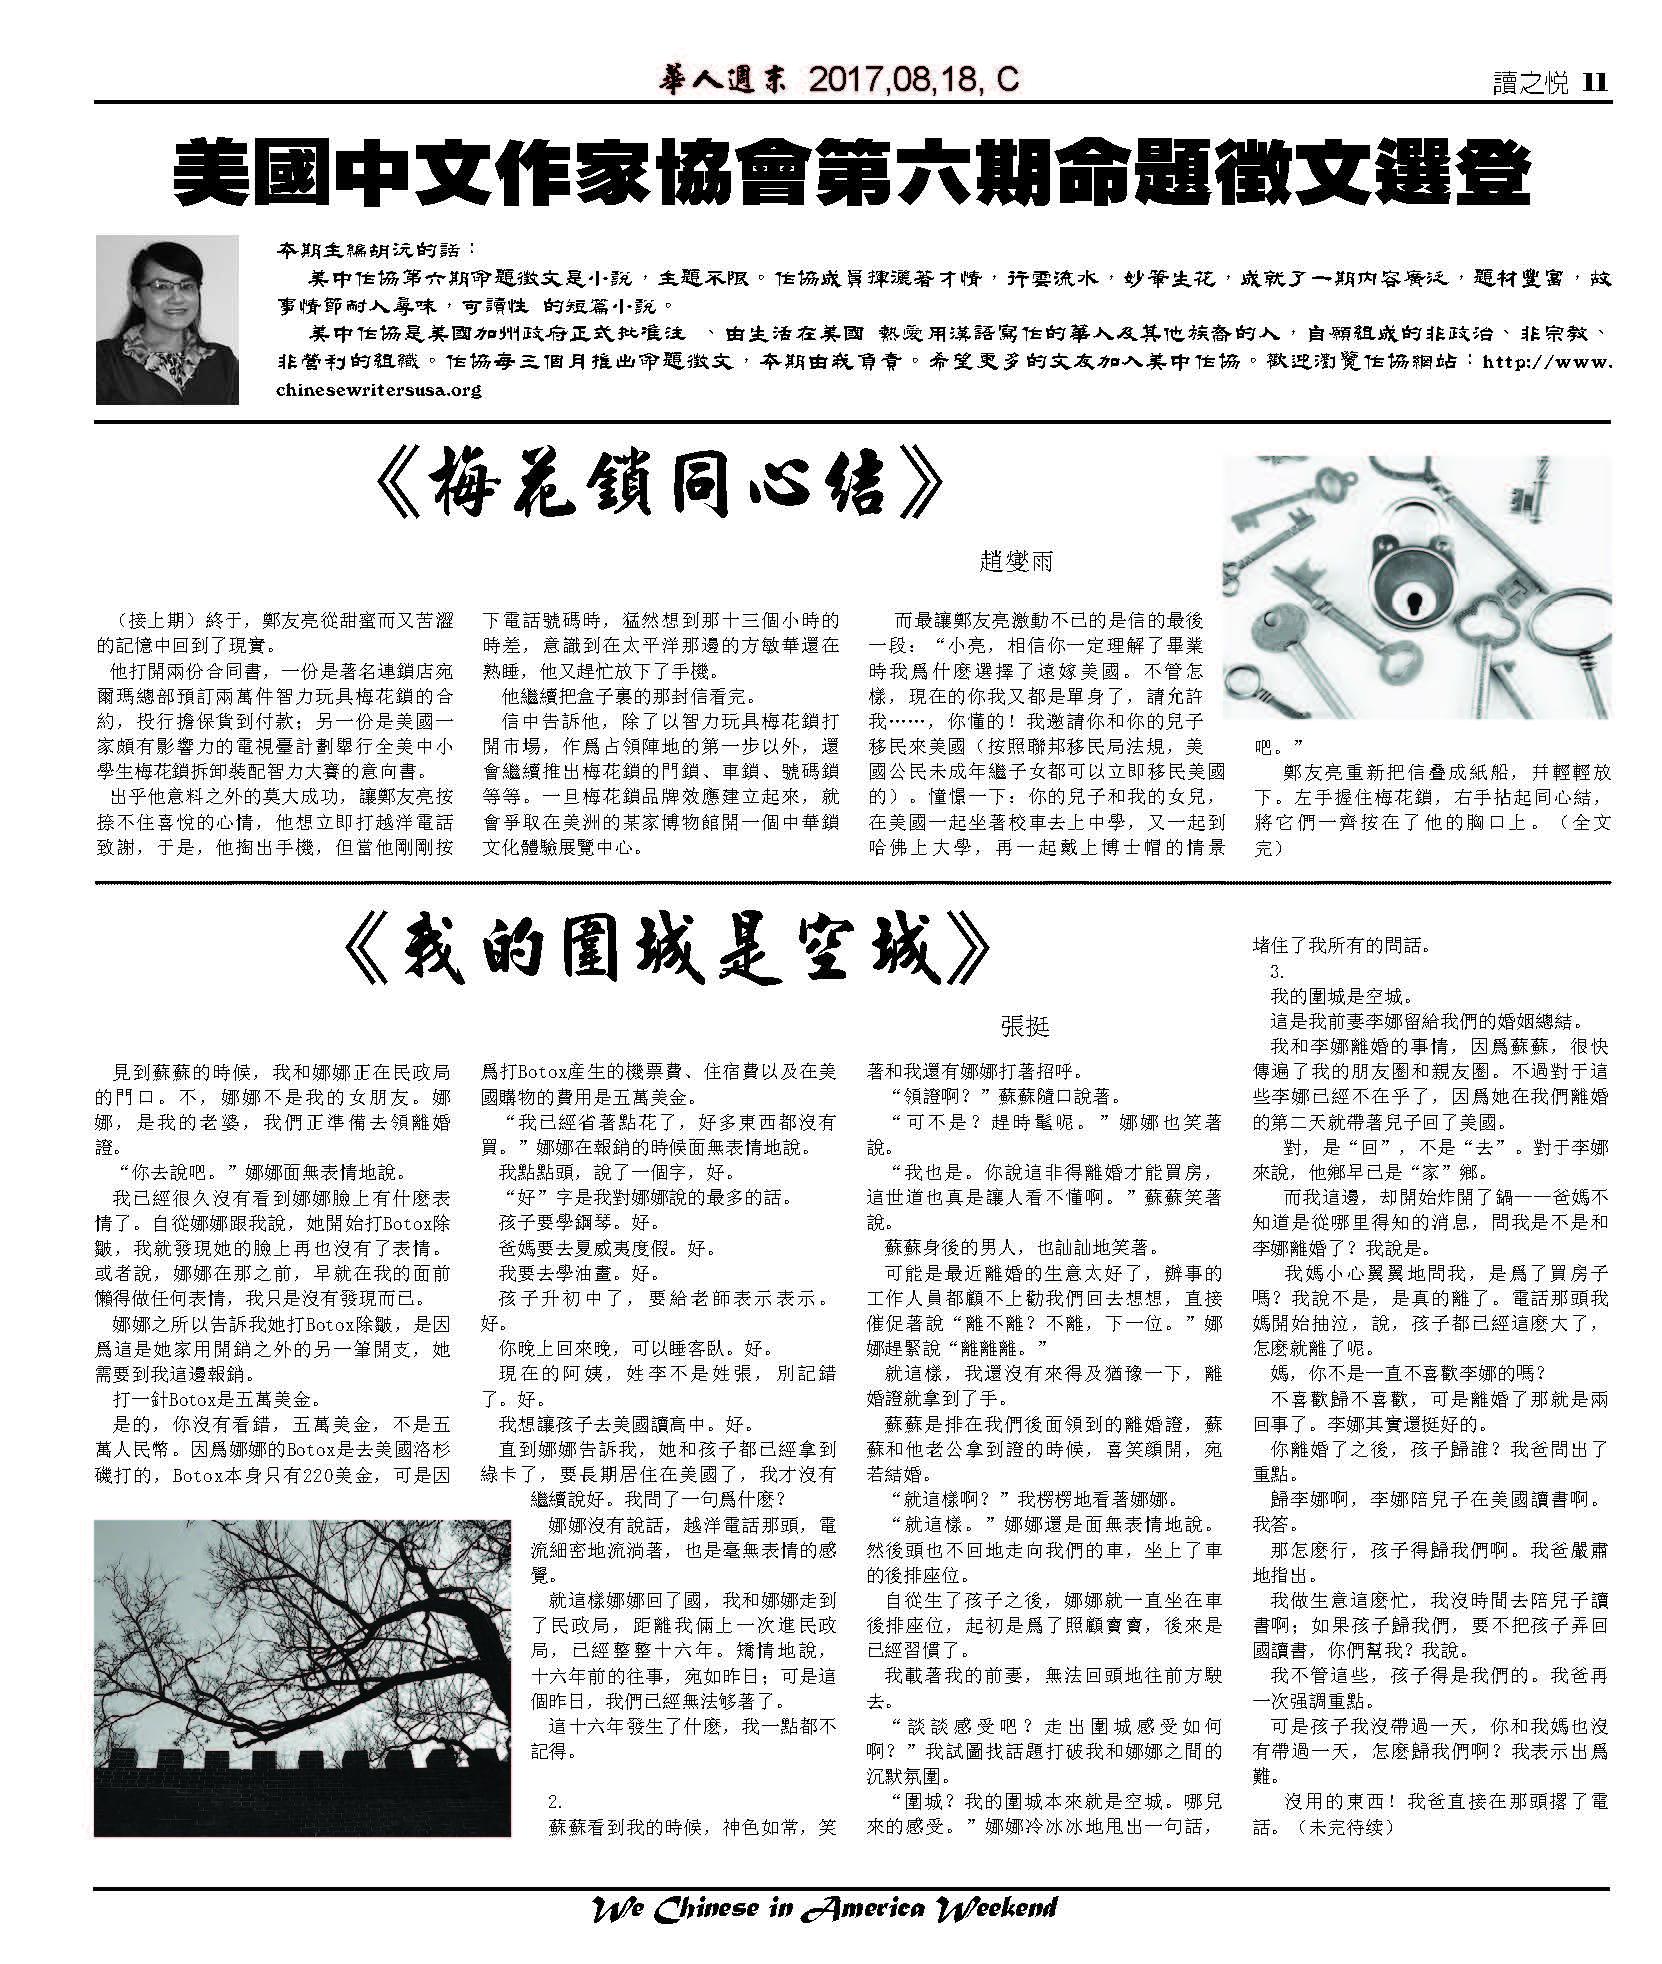 《华人周末》美中作协第六期征文( 短篇小说)连载 7.jpg